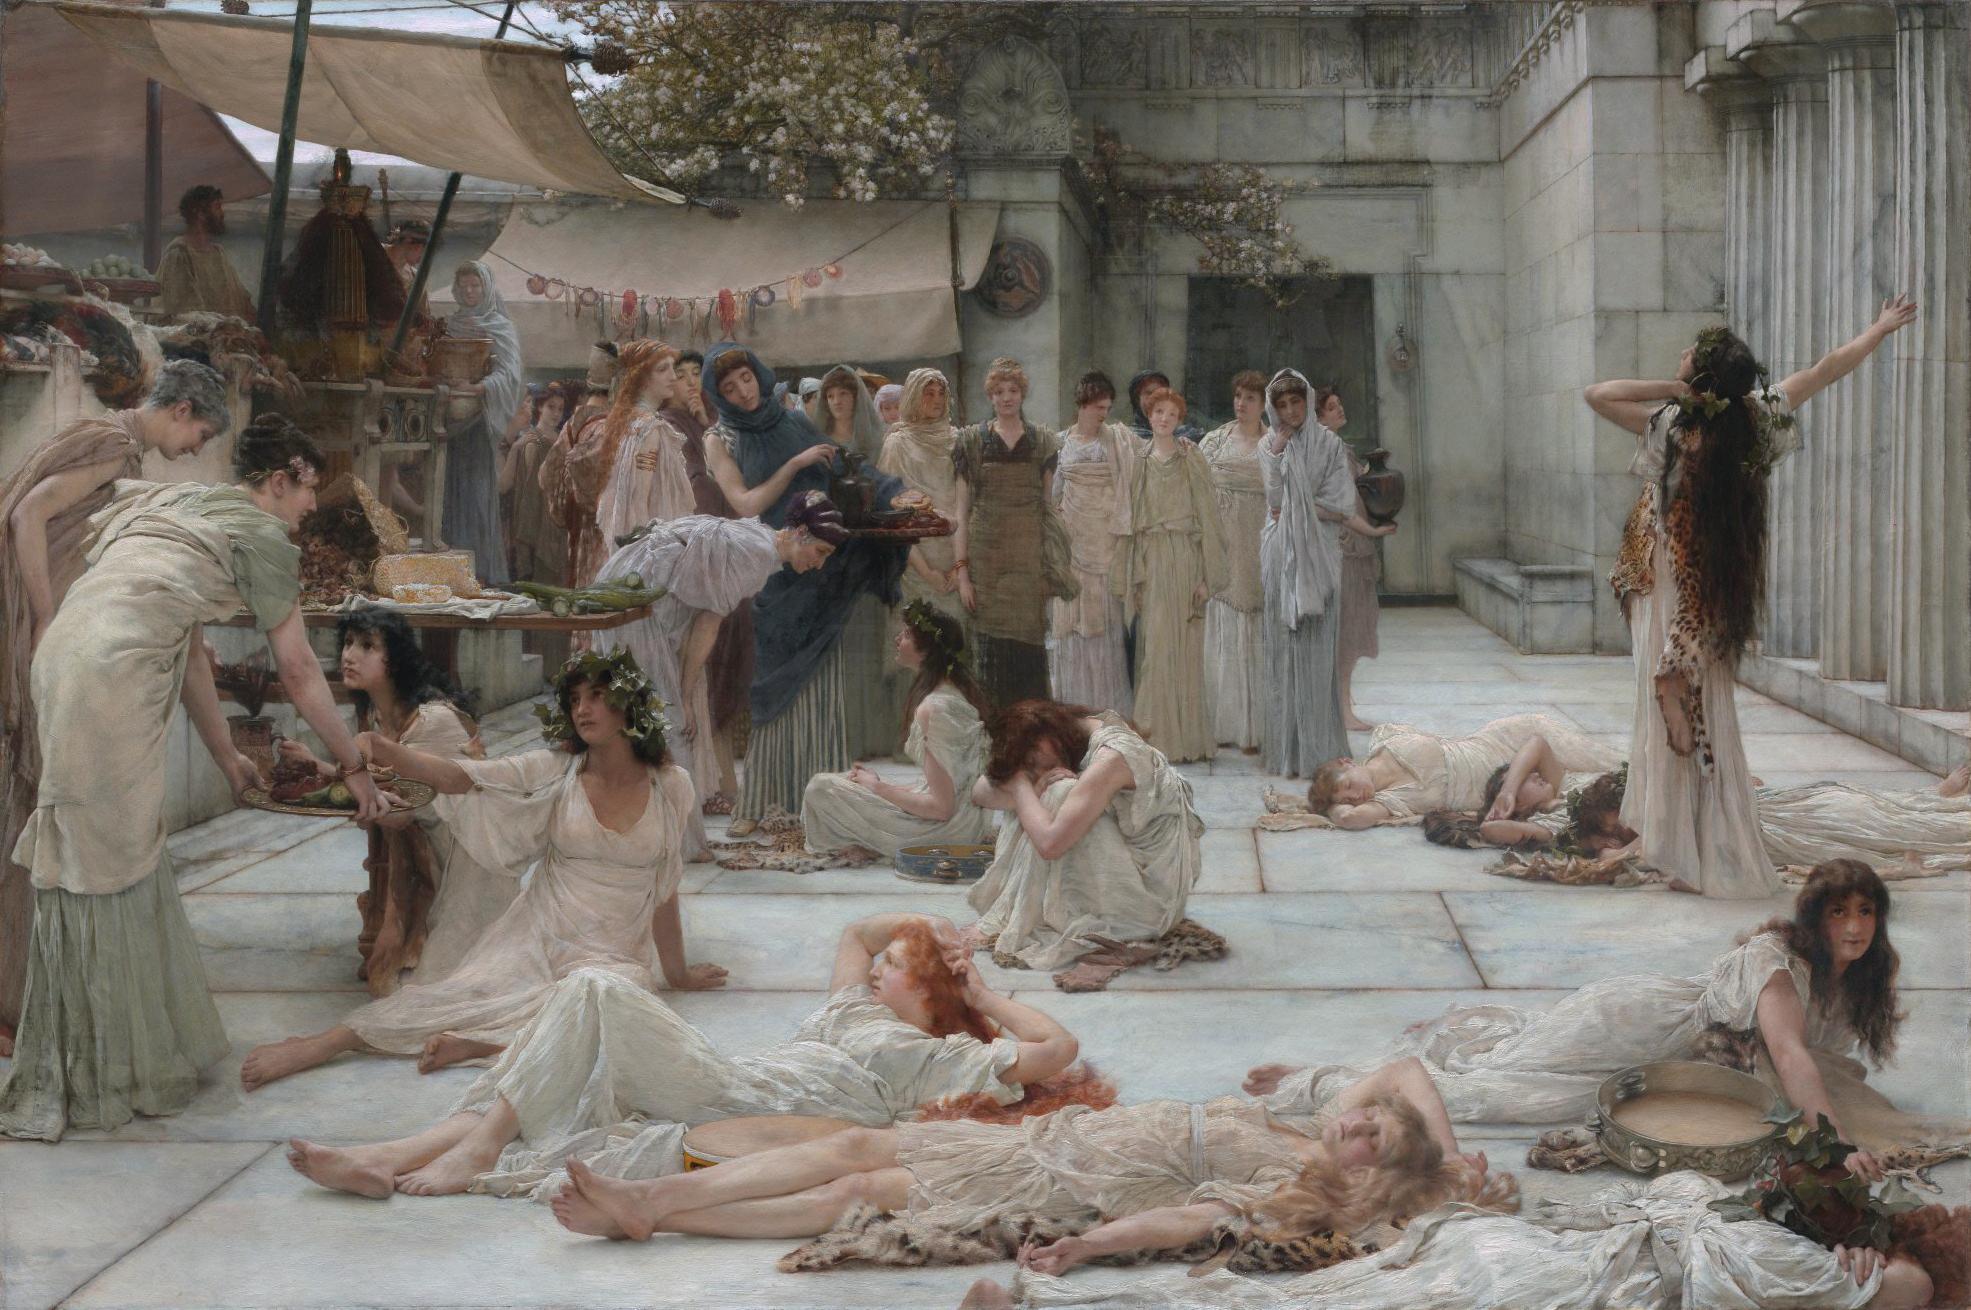 The women of Amphissa, by Lawrence Alma-Tadema